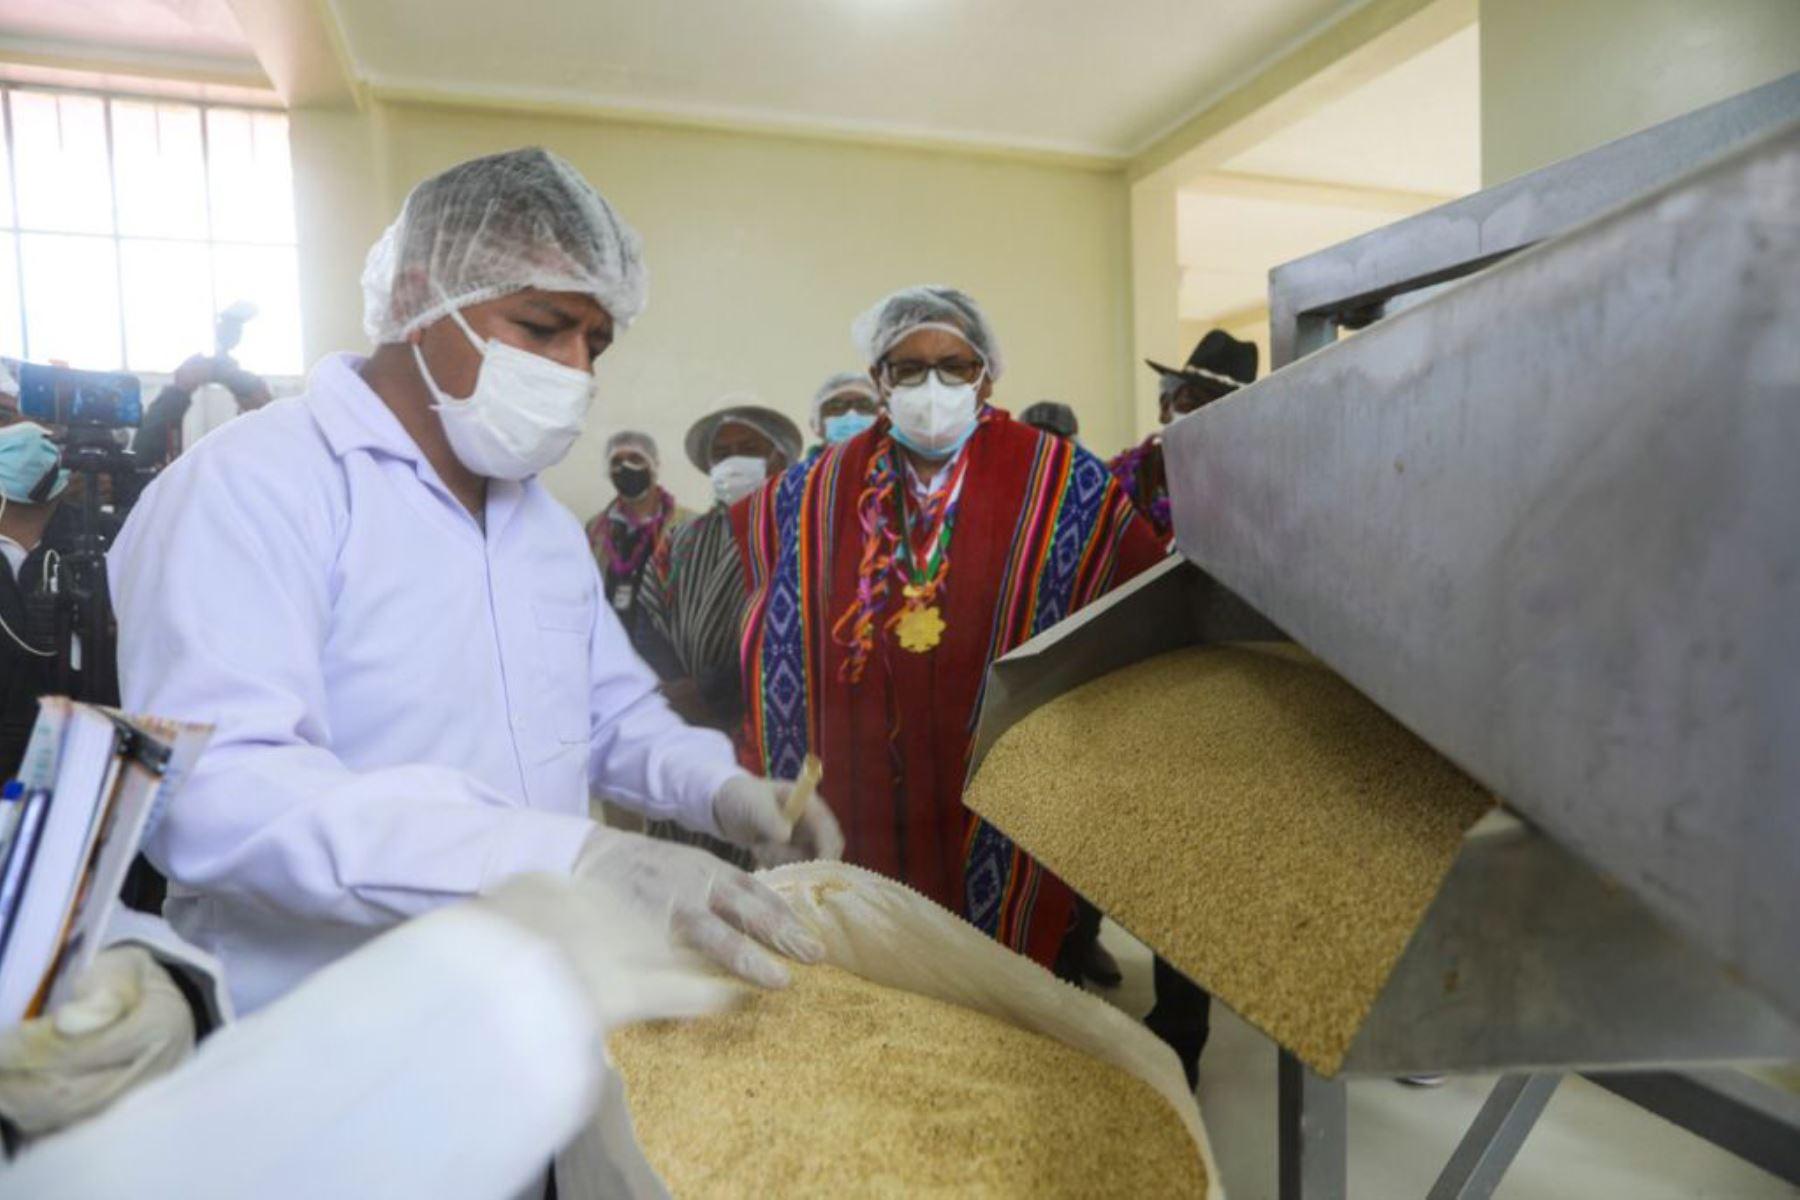 Más de un millón soles se invirtió para que 50 familias de la Asociación de Productores Agropecuarios Chaupi Sahuacasi se vean beneficiadas.